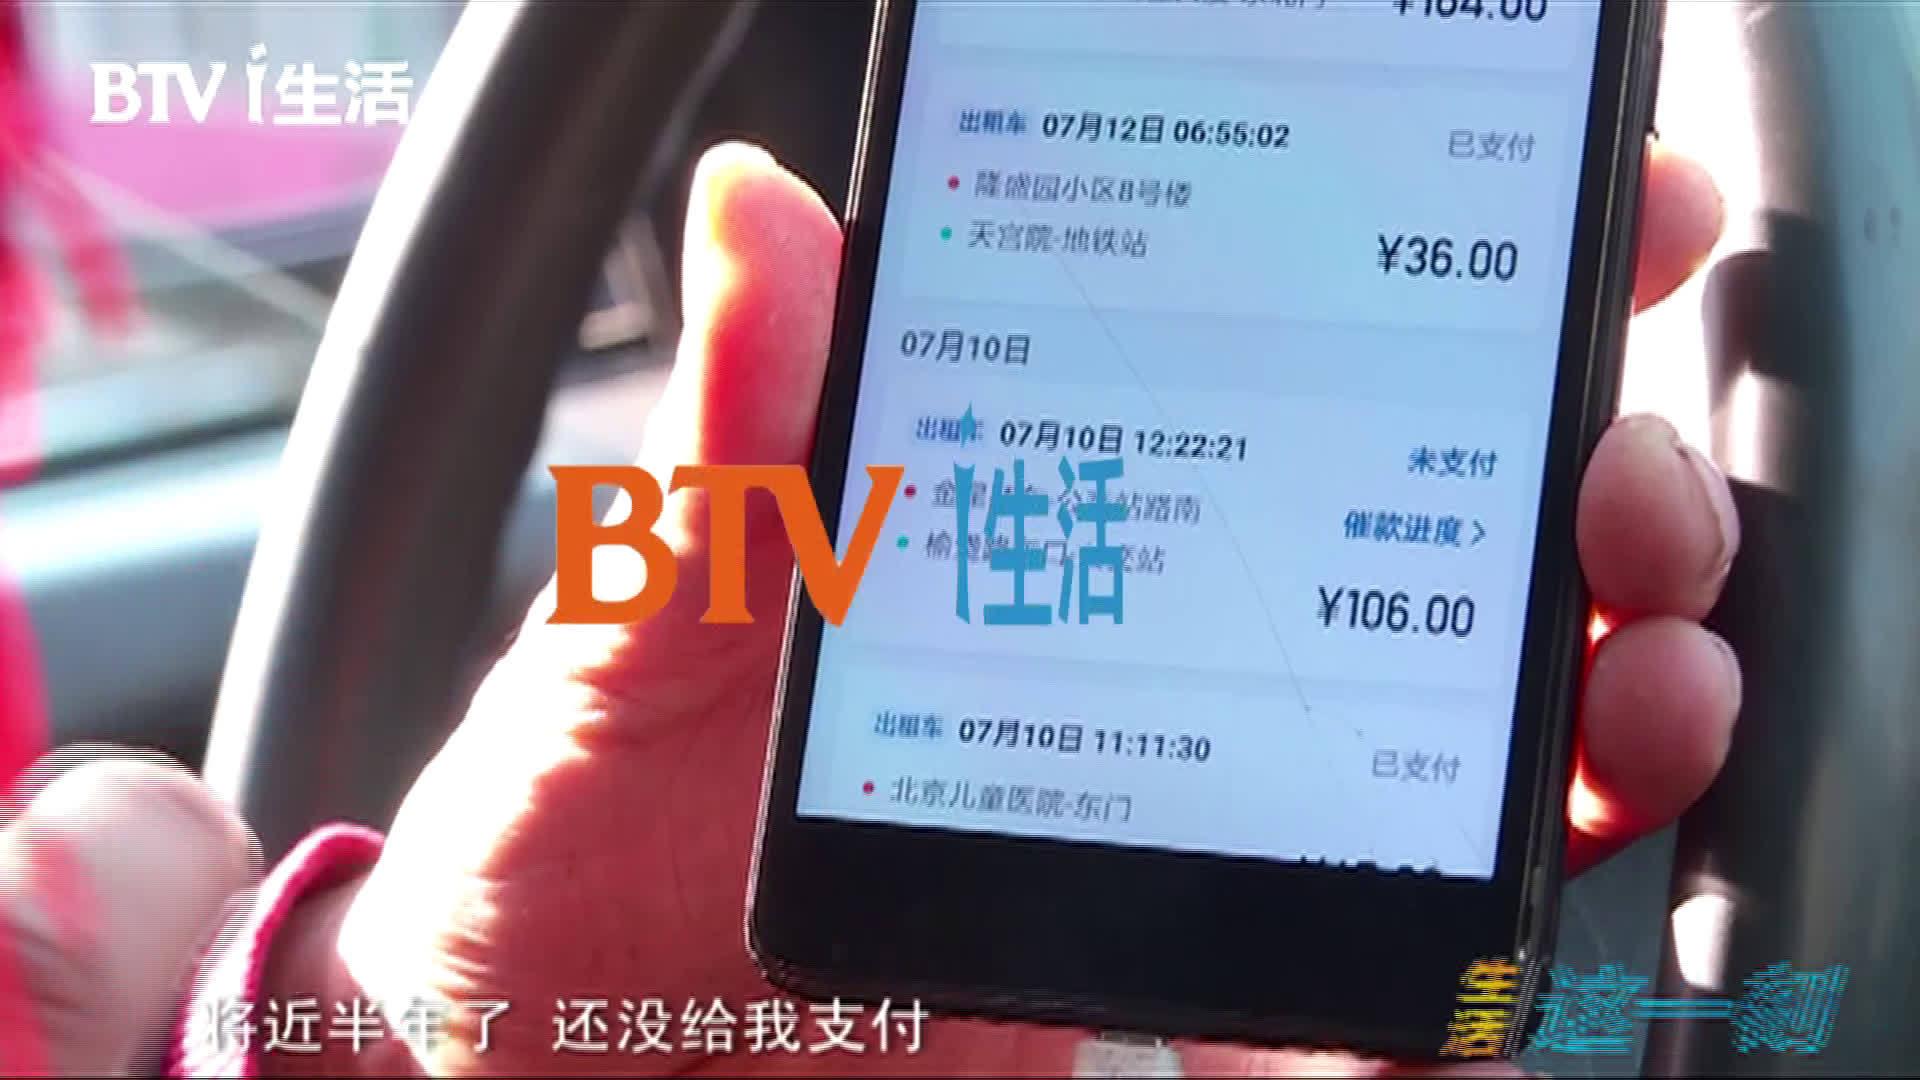 这位女乘客,出租车司机喊你支付车费!滴滴平台:还需耐心等待